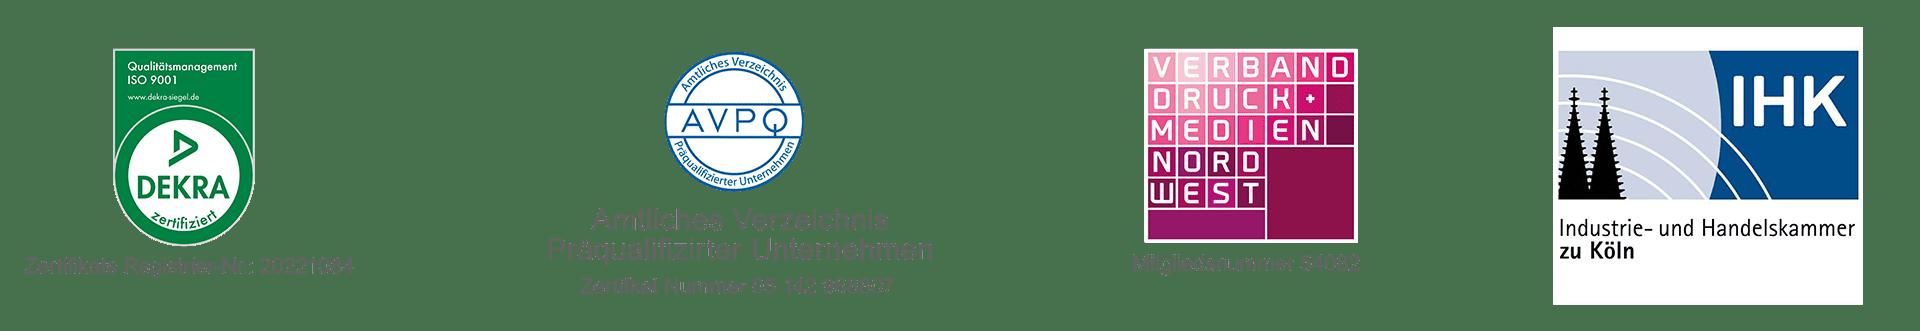 Zertifikat_Logos